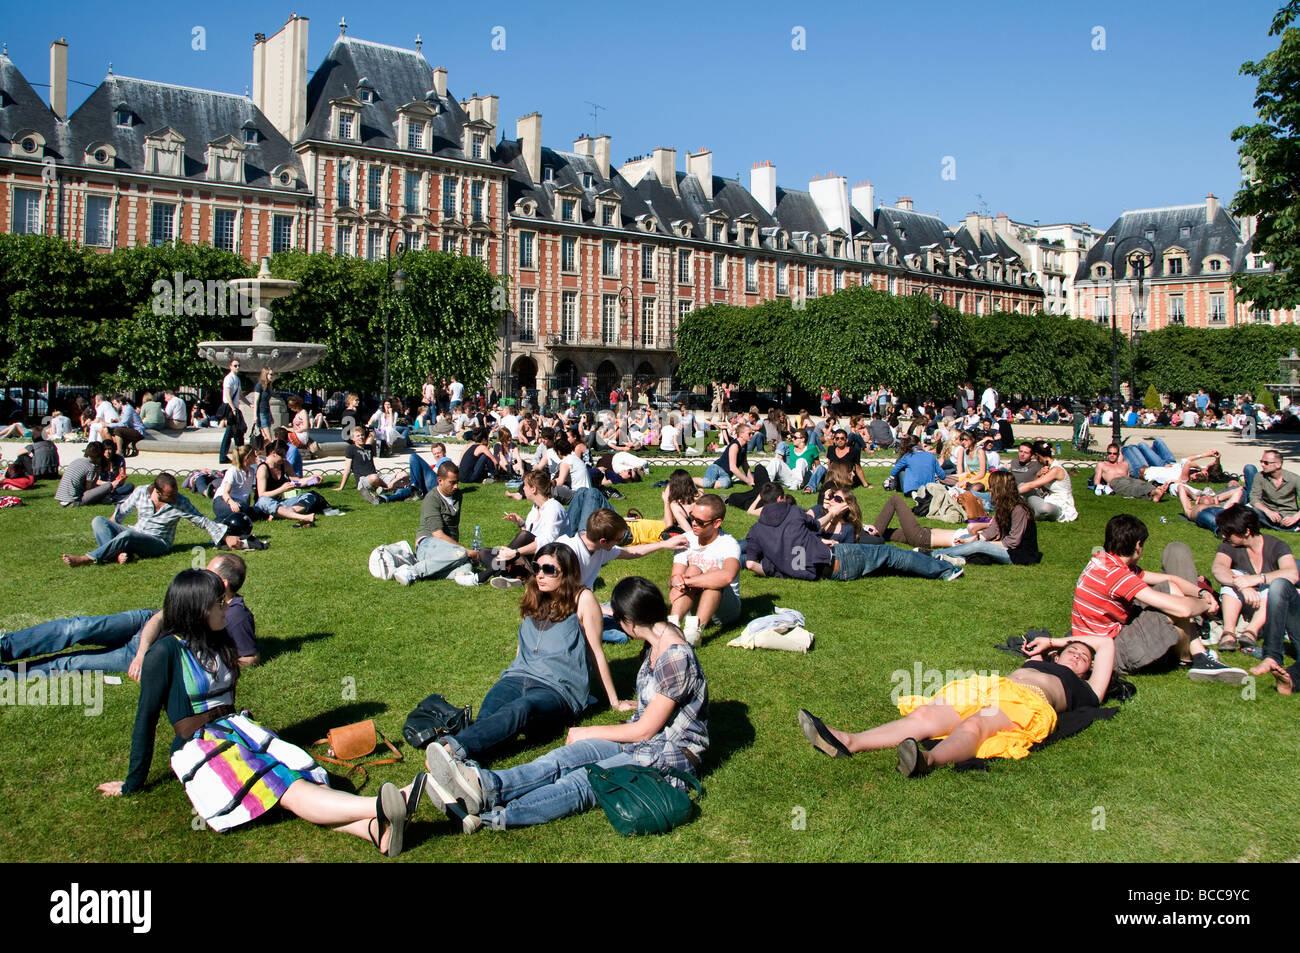 Place de vosges marais paris france square garden stock - Comptoir des cotonniers place des vosges ...